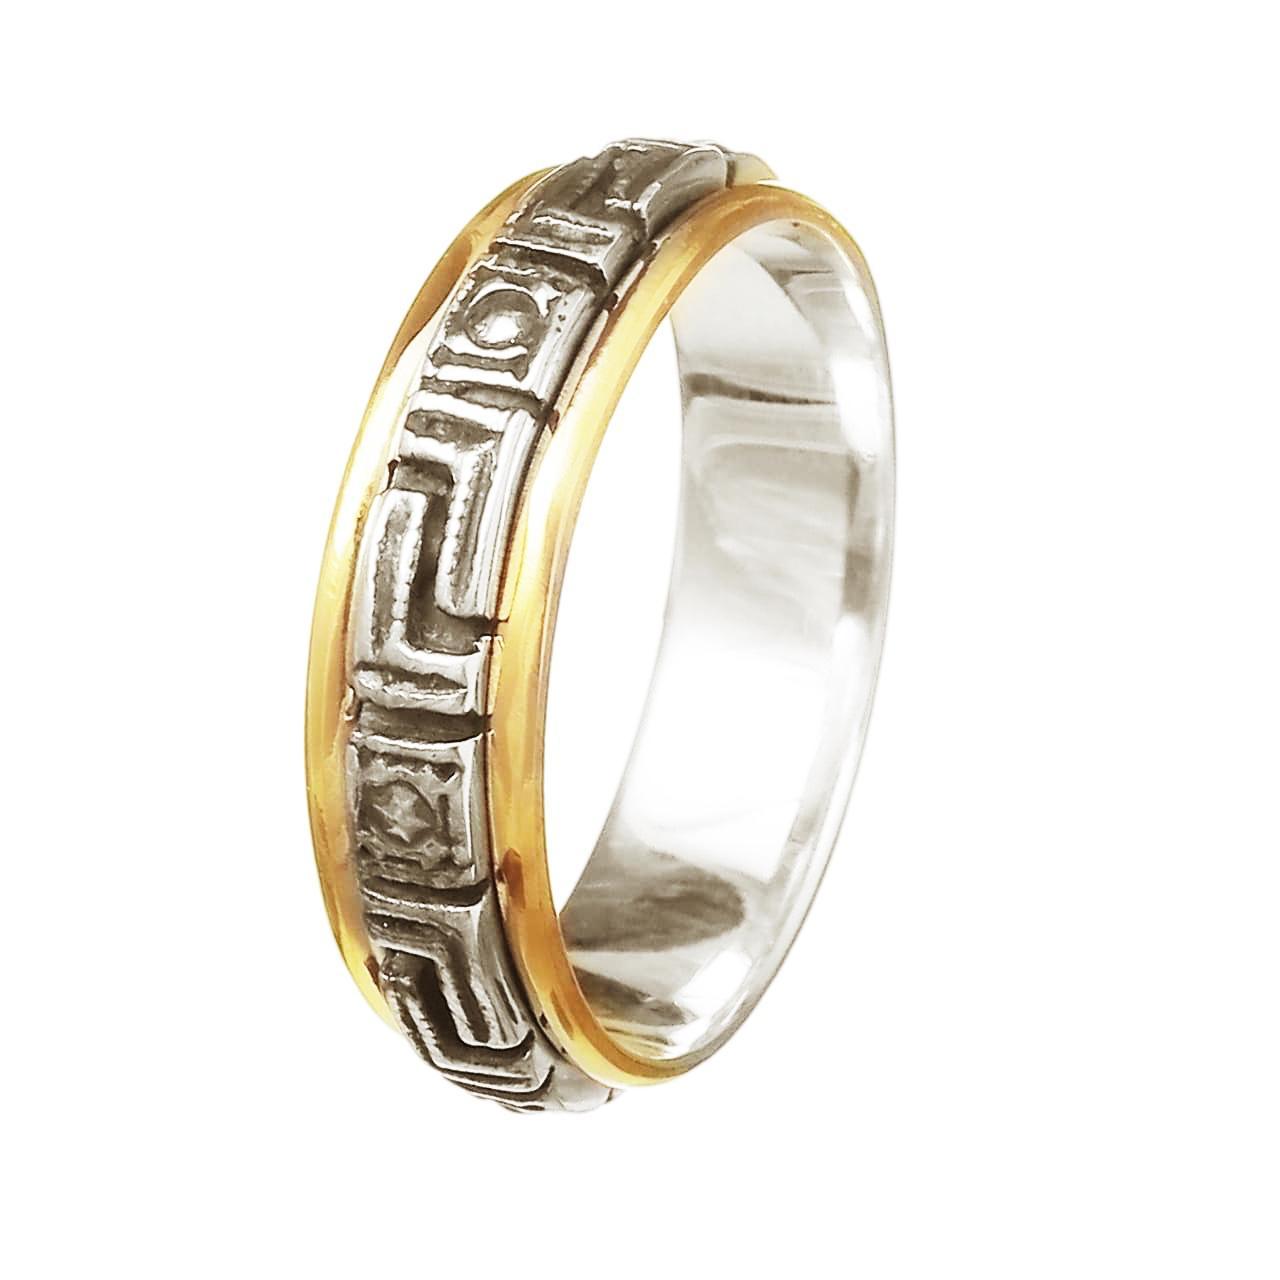 Aliança da Vovó - Asteca - Borda de ouro 12K